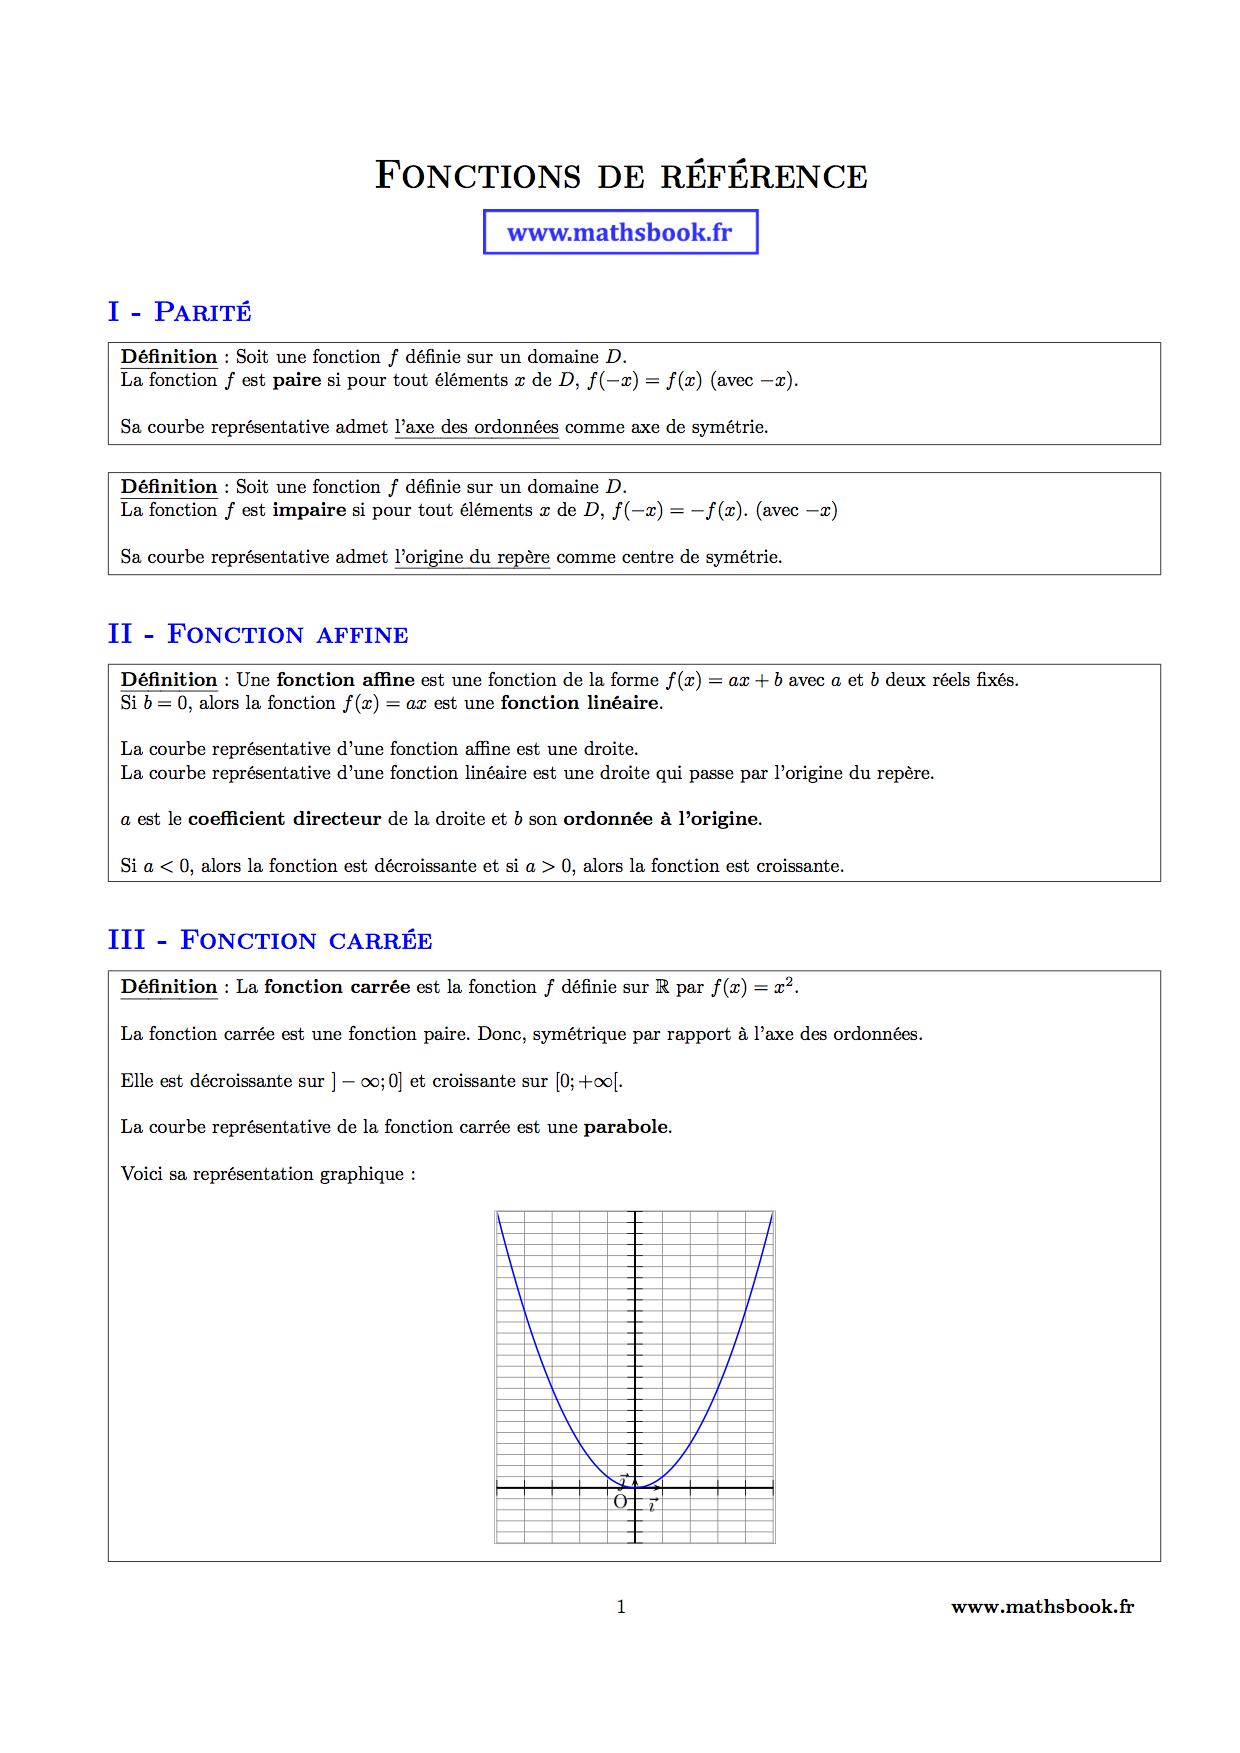 Les fonctions de reference. 3ème Mathématiques